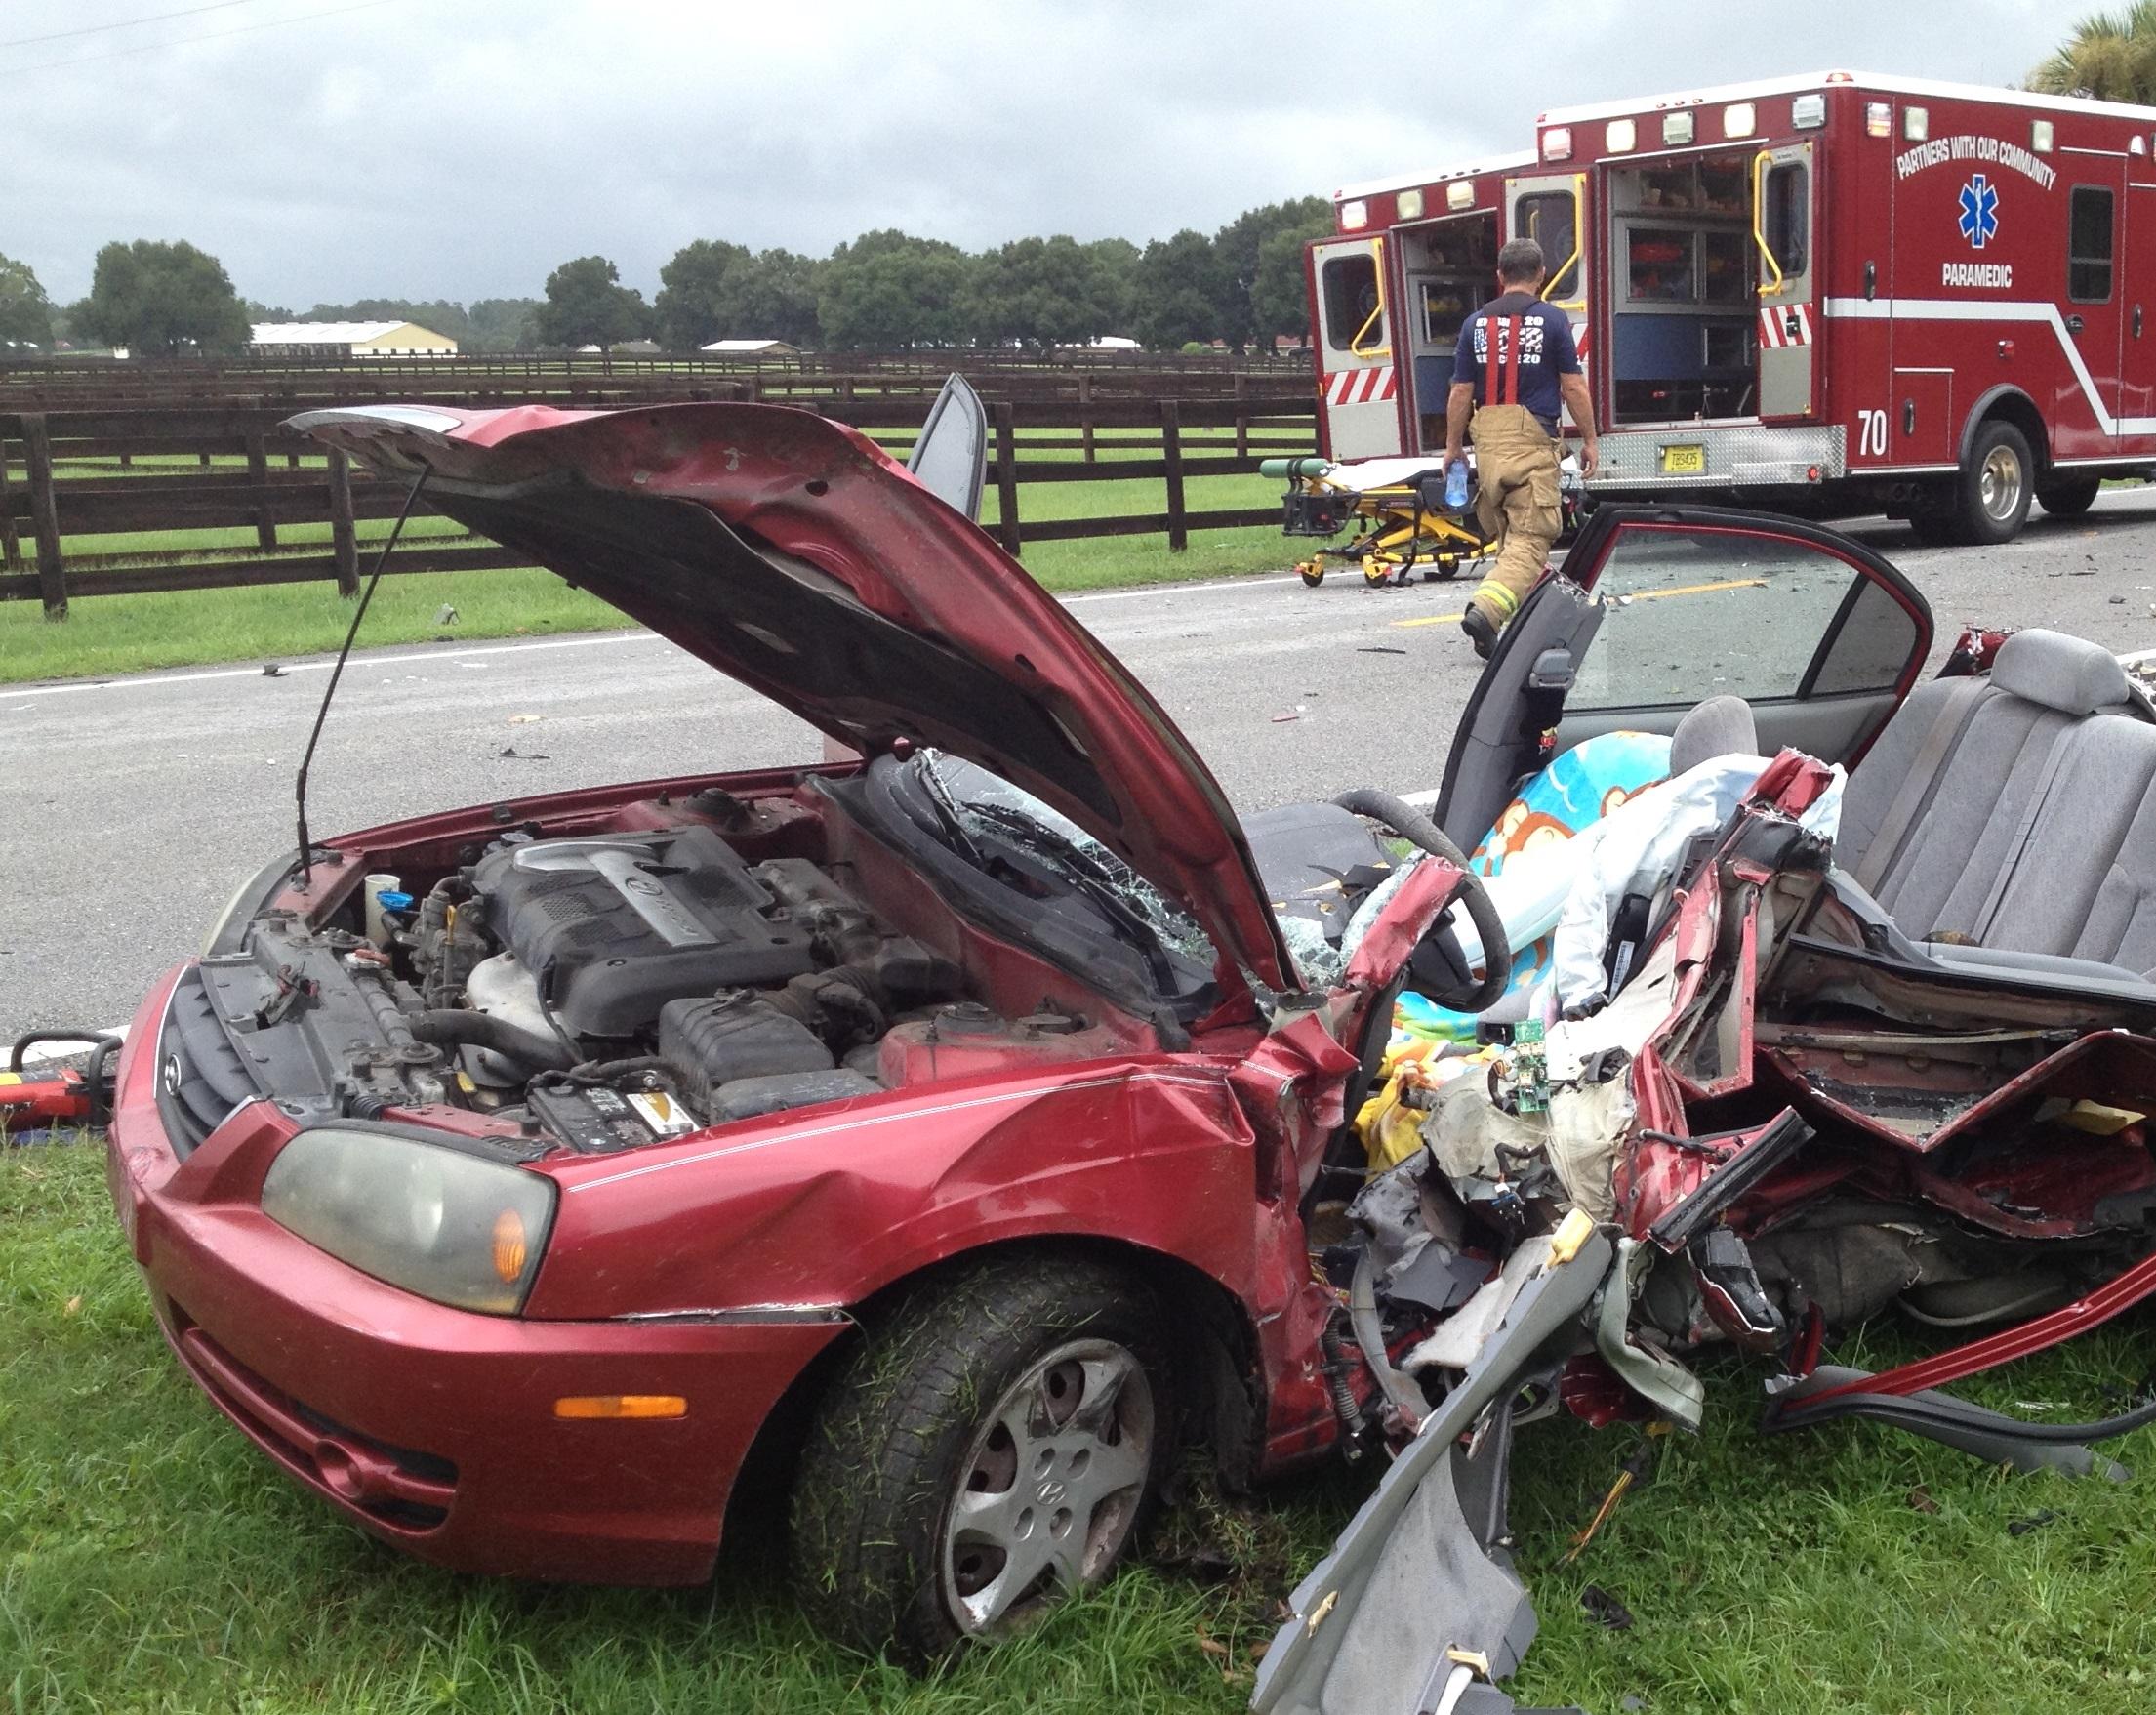 ocala news, marion county news, car accident, car crash, critical condition, crash on 225A in ocala